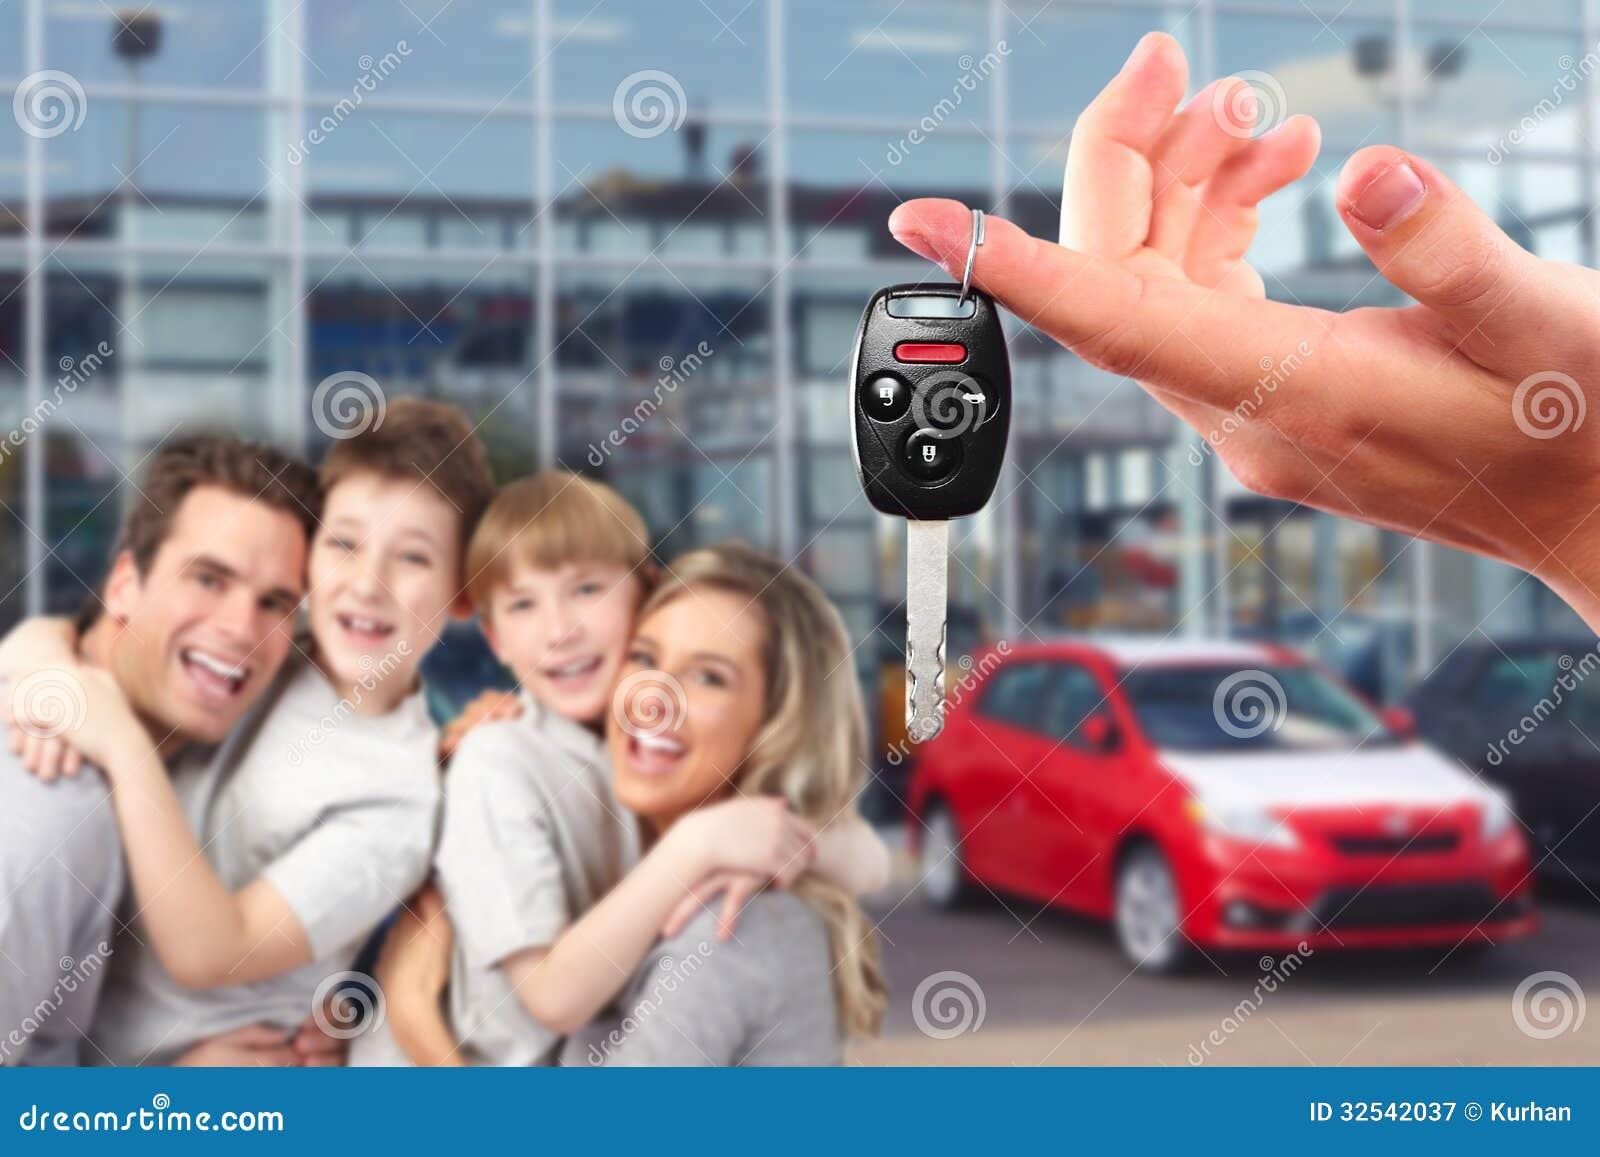 Счастливая семья с ключами новыми автомобиля.